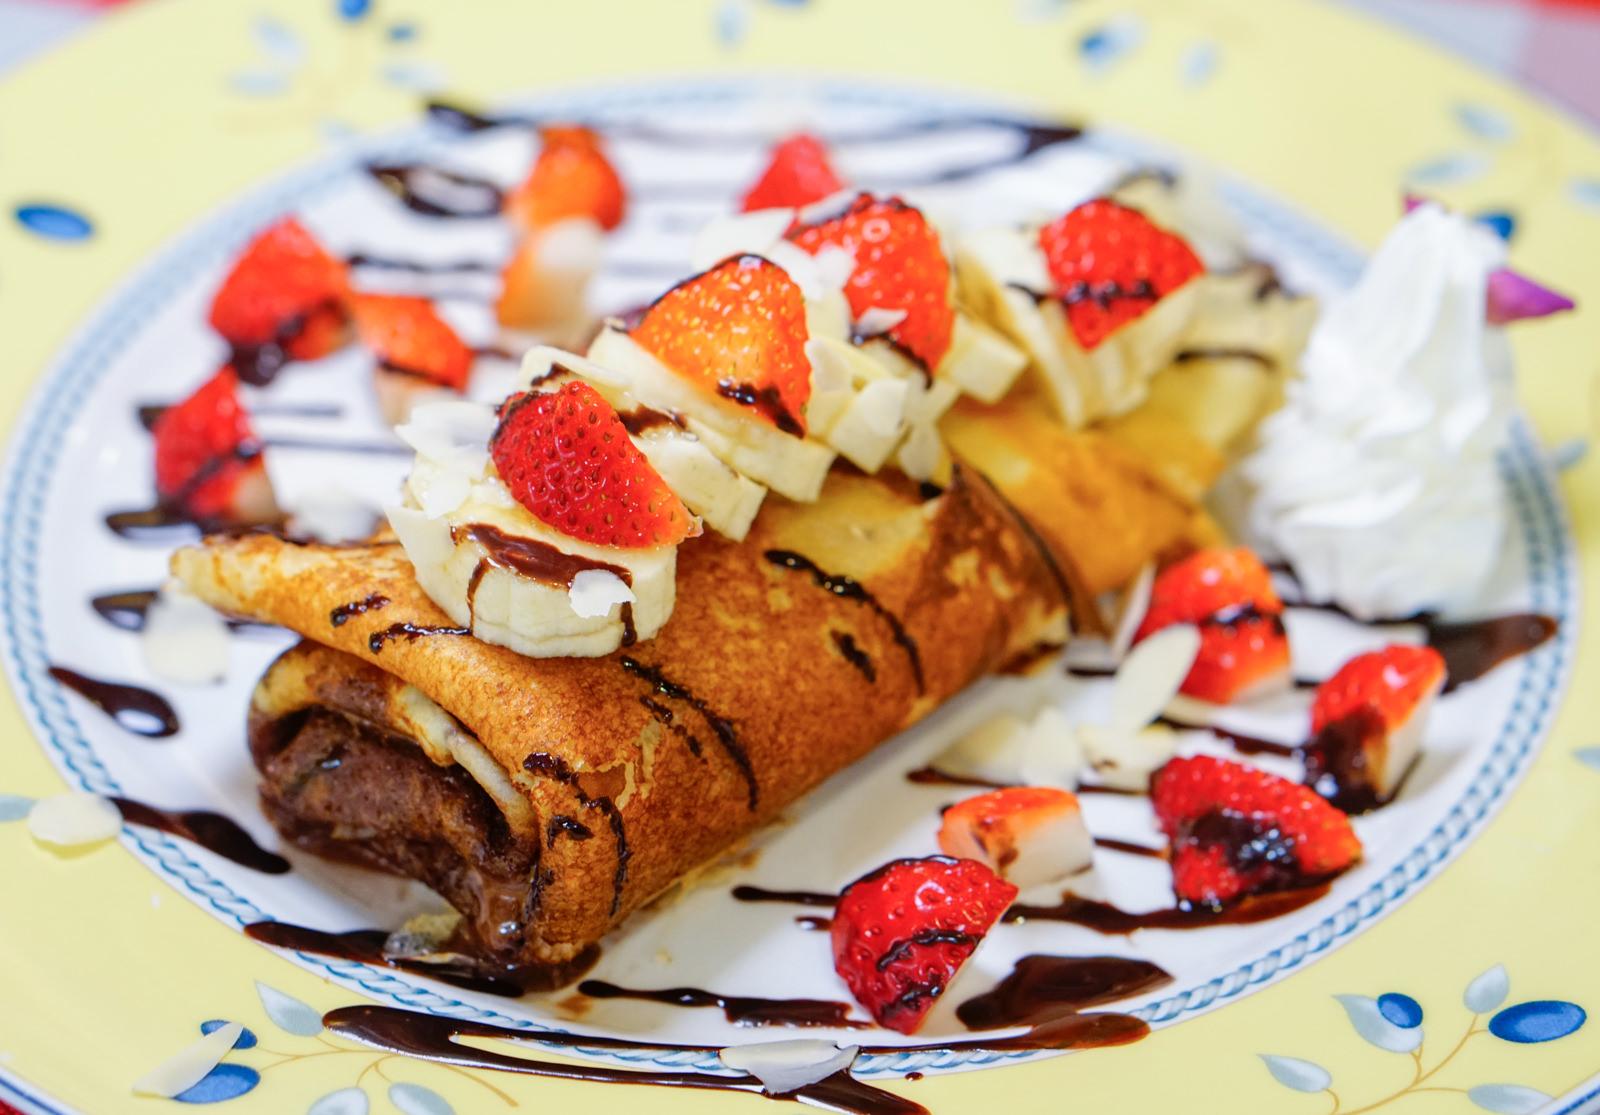 [高雄]Chez Alexandre亞力的家法式薄餅小館-冬季限定!草莓巧克力法式薄餅 正統法式餅皮 高雄下午茶推薦 @美食好芃友